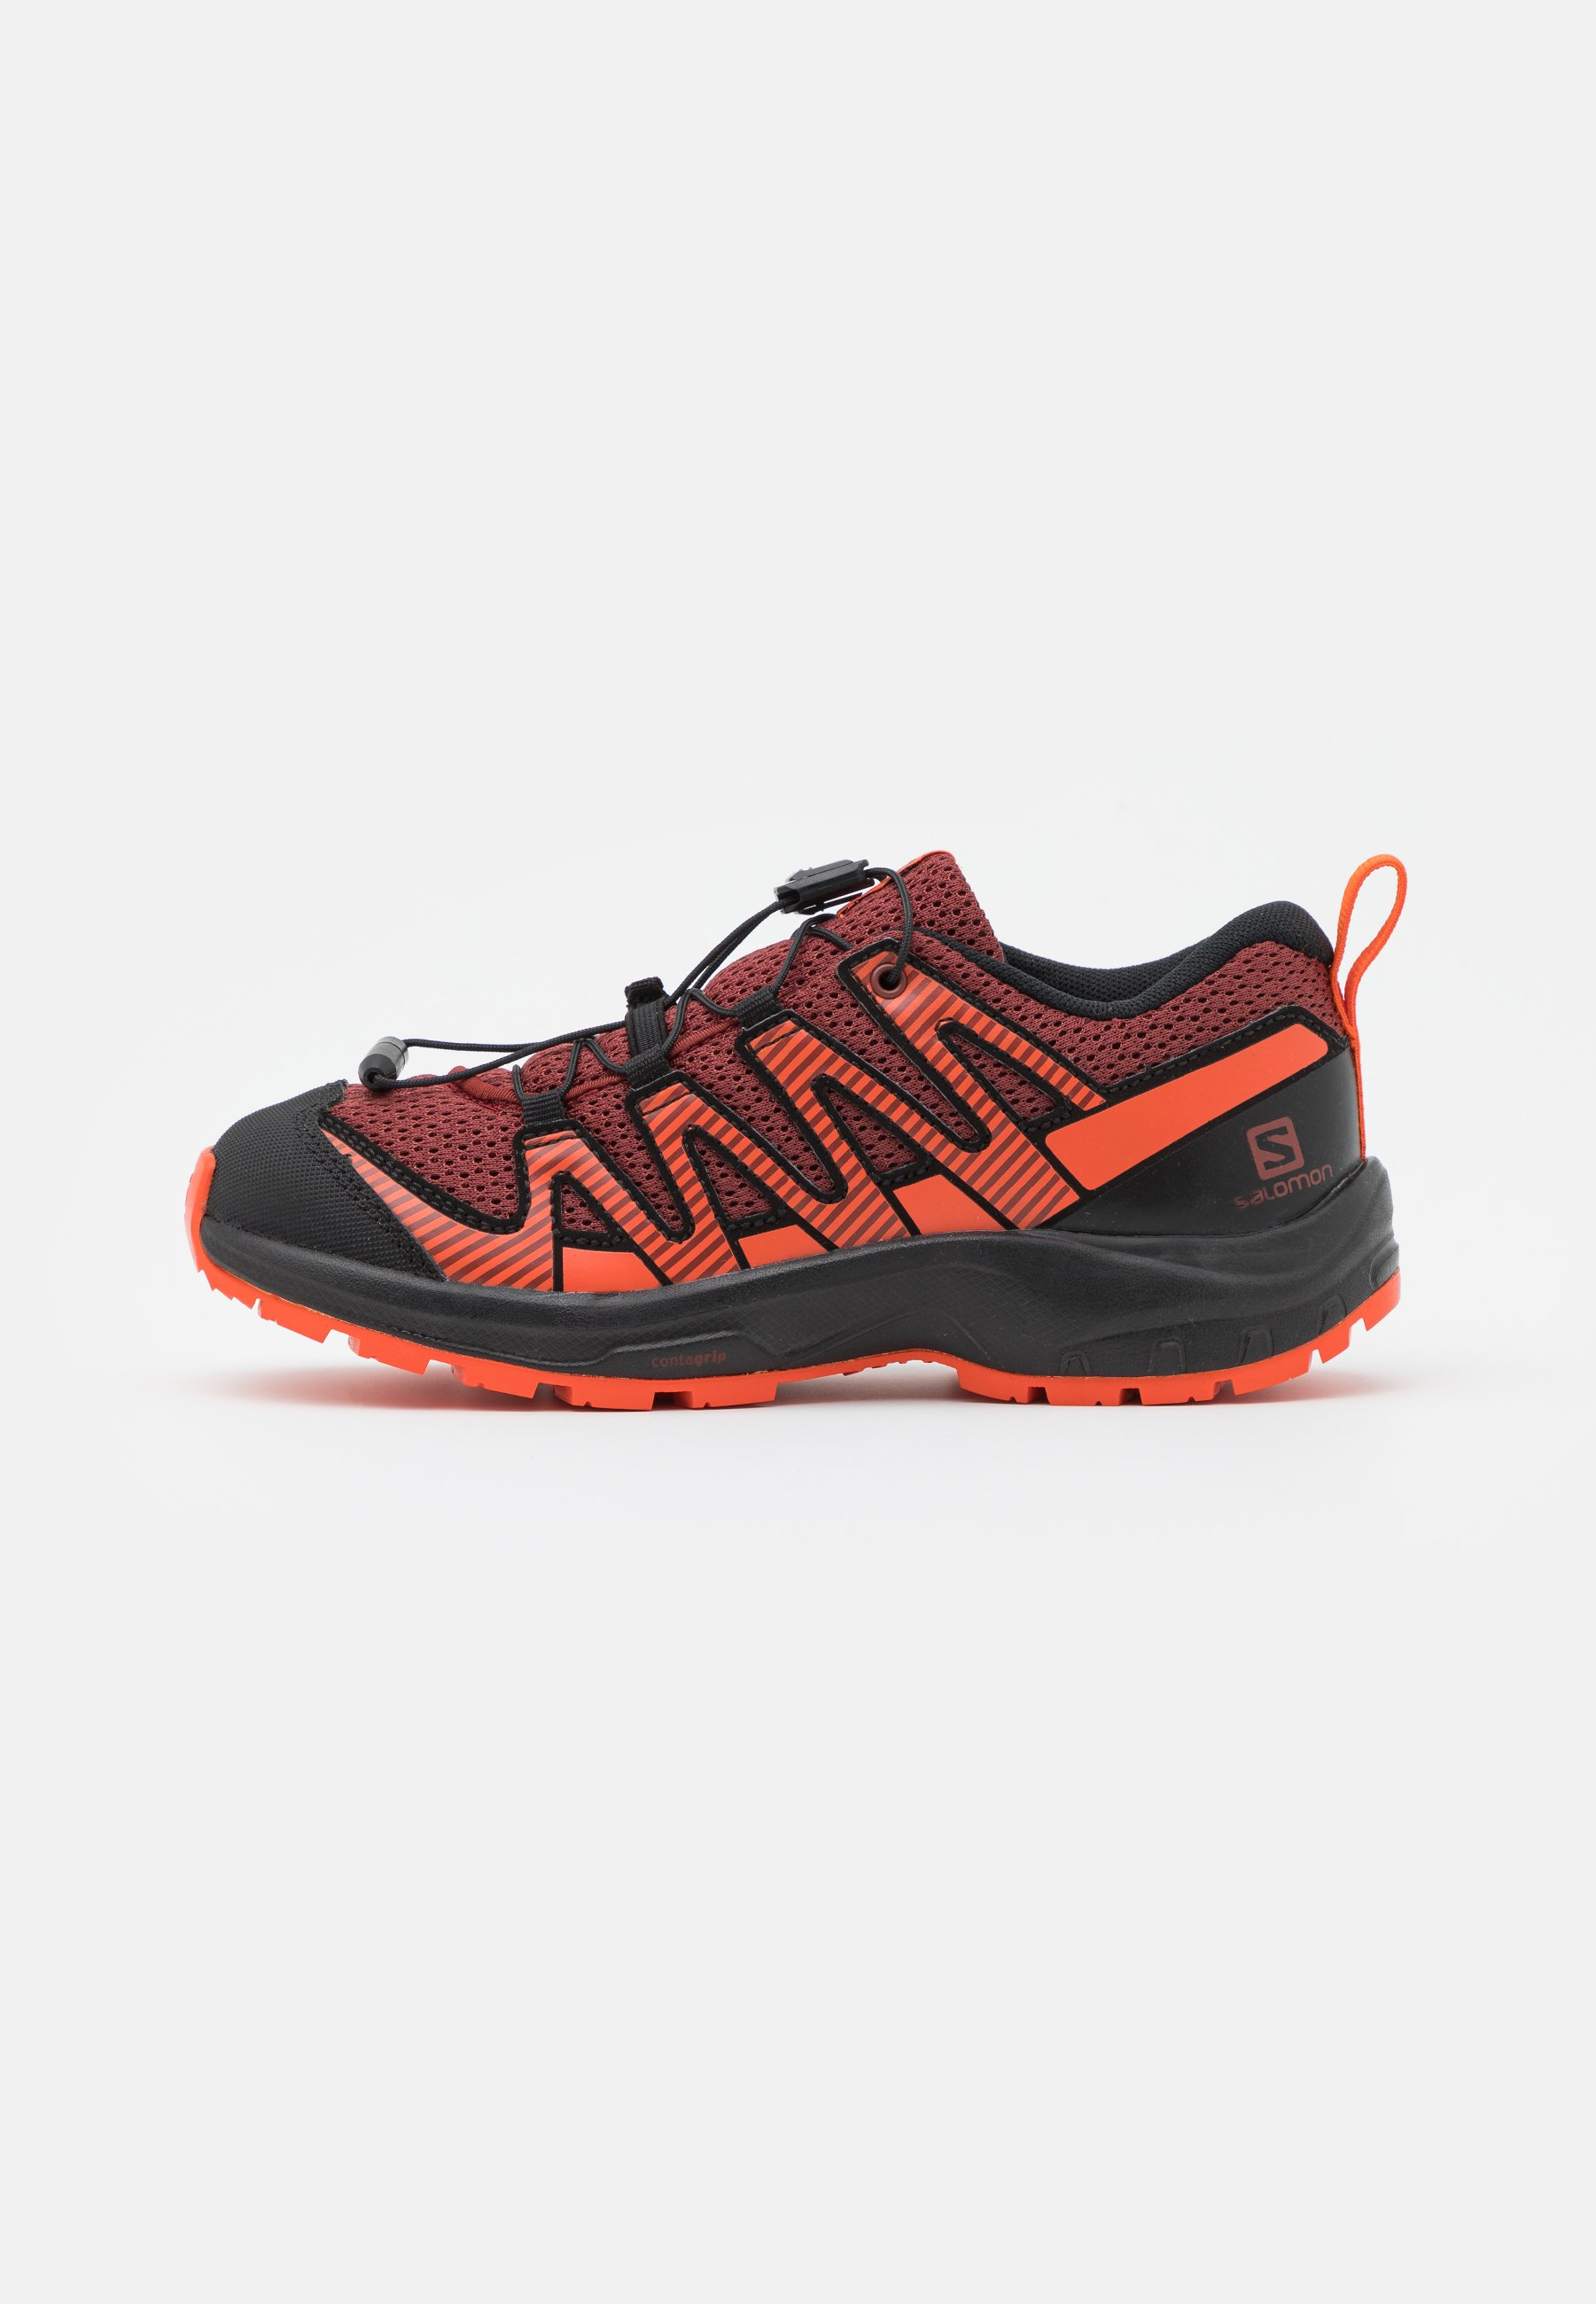 Enfant XA PRO V8 UNISEX - Chaussures de marche